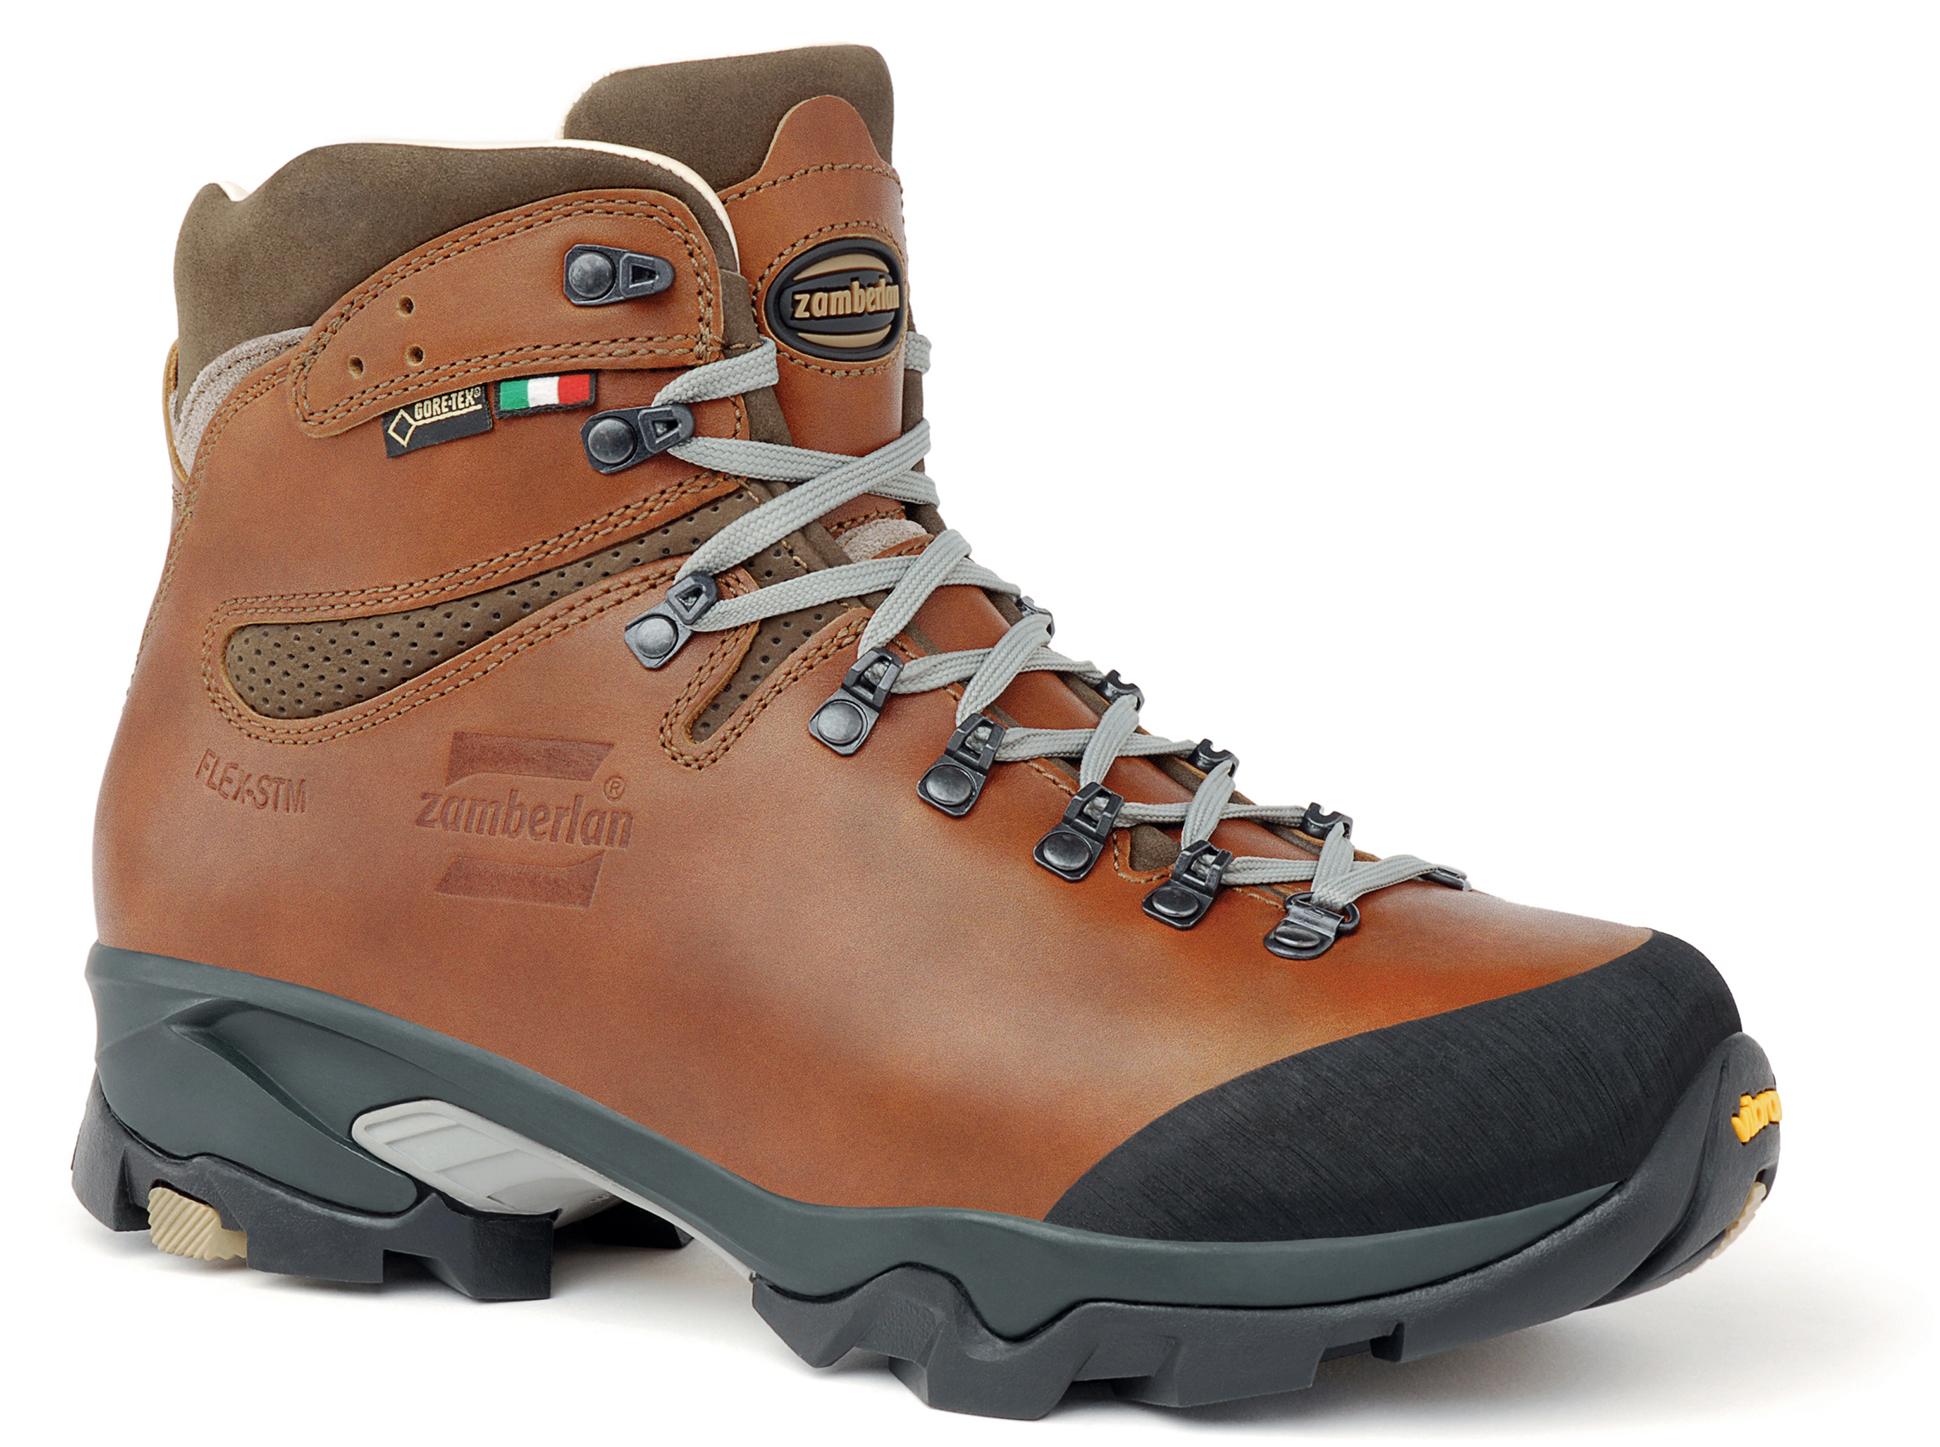 c1a0b4283ea Men's Hiking boots | MEC